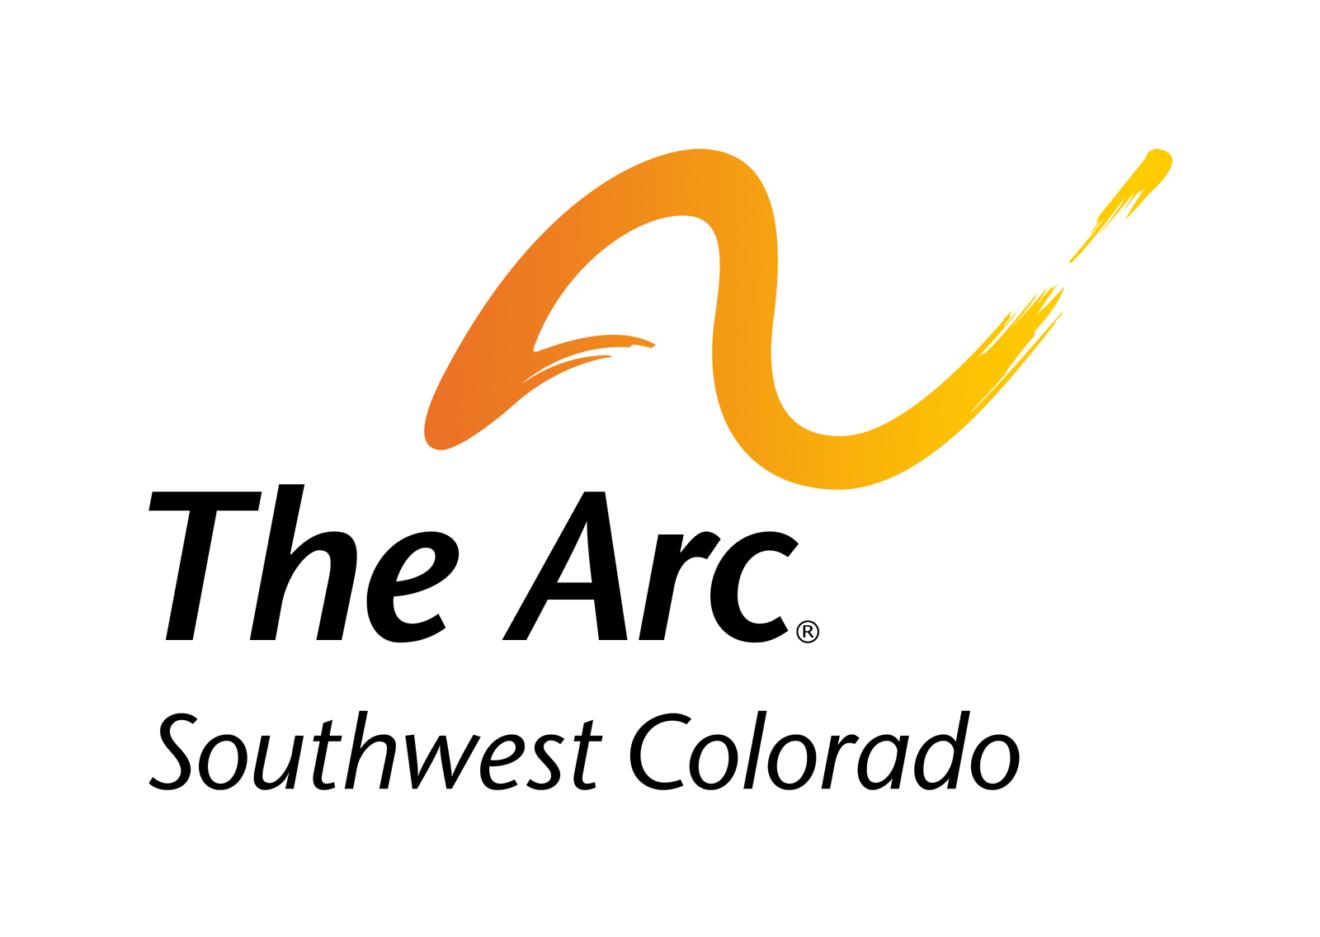 Arc_SWColorado_Color_logo